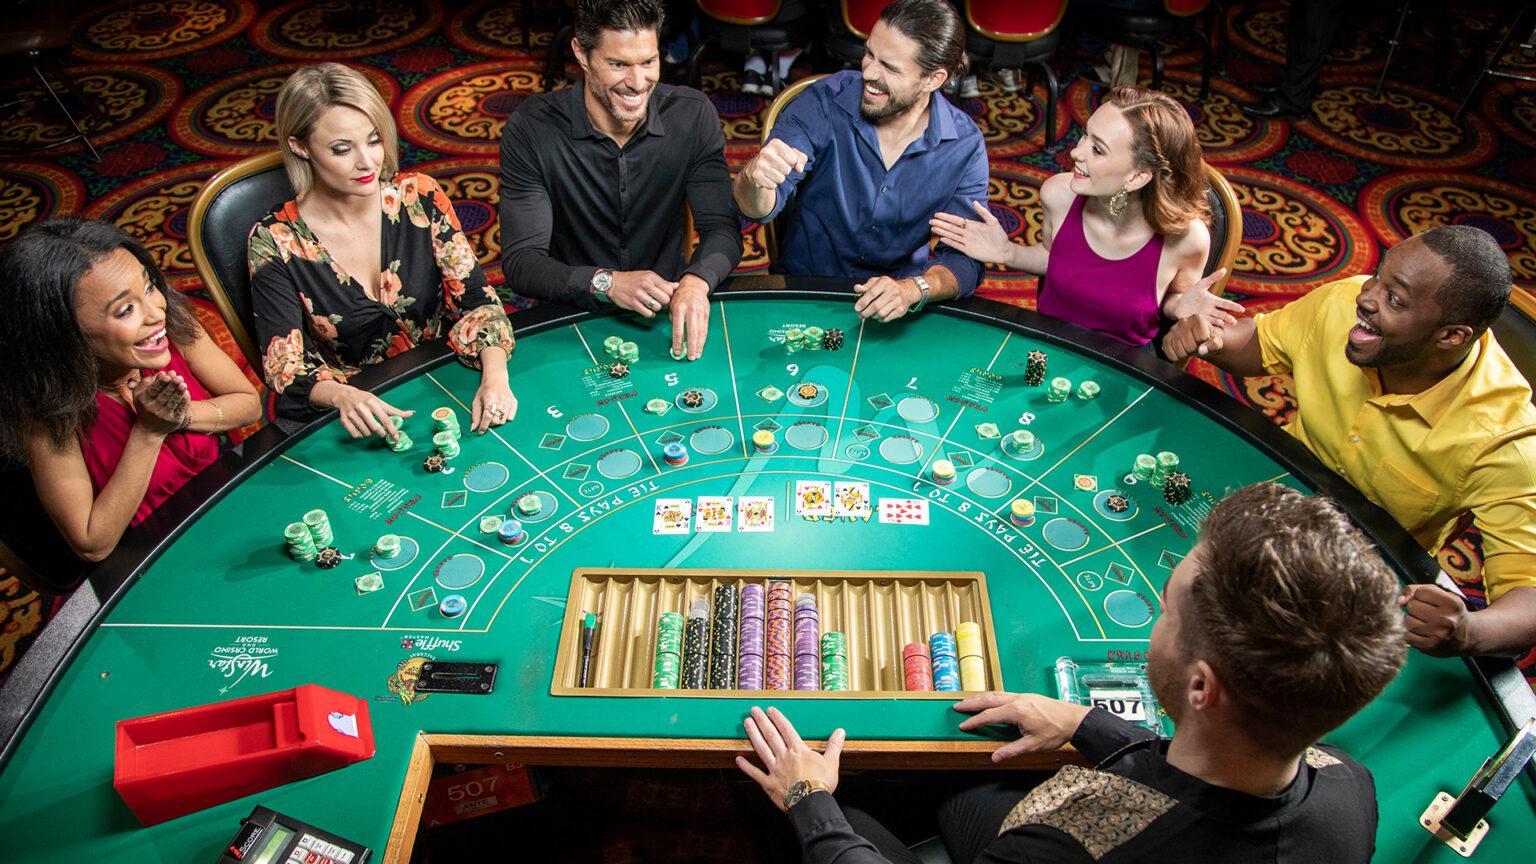 Онлайн покер на деньги в казахстане игровые автоматы корона играть бесплатно